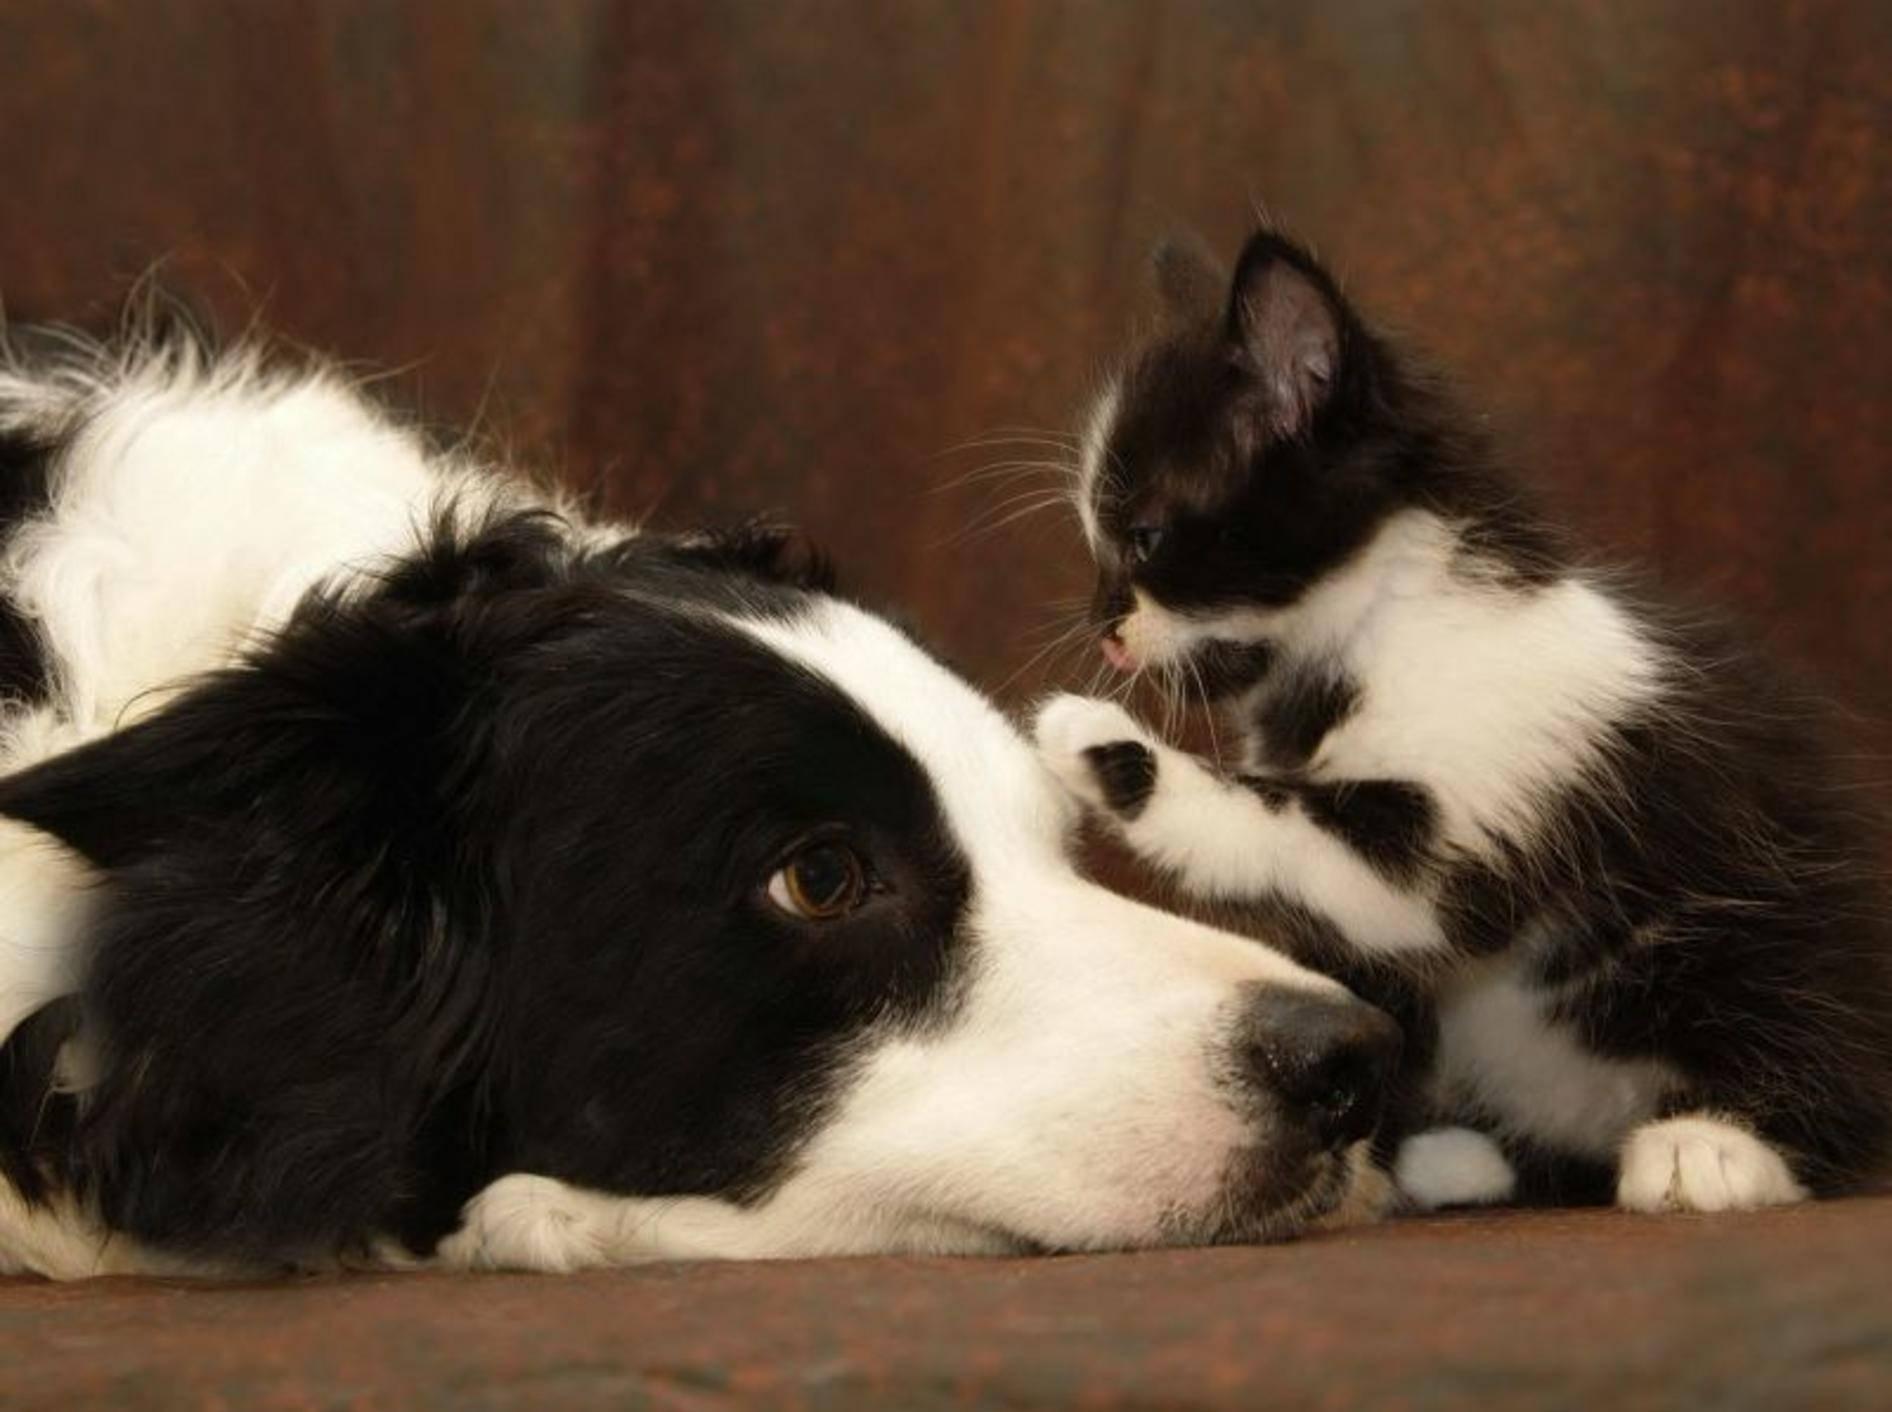 Freundschaft zwischen Katze und Hund / Bild: Shutterstock / Dale A Stork